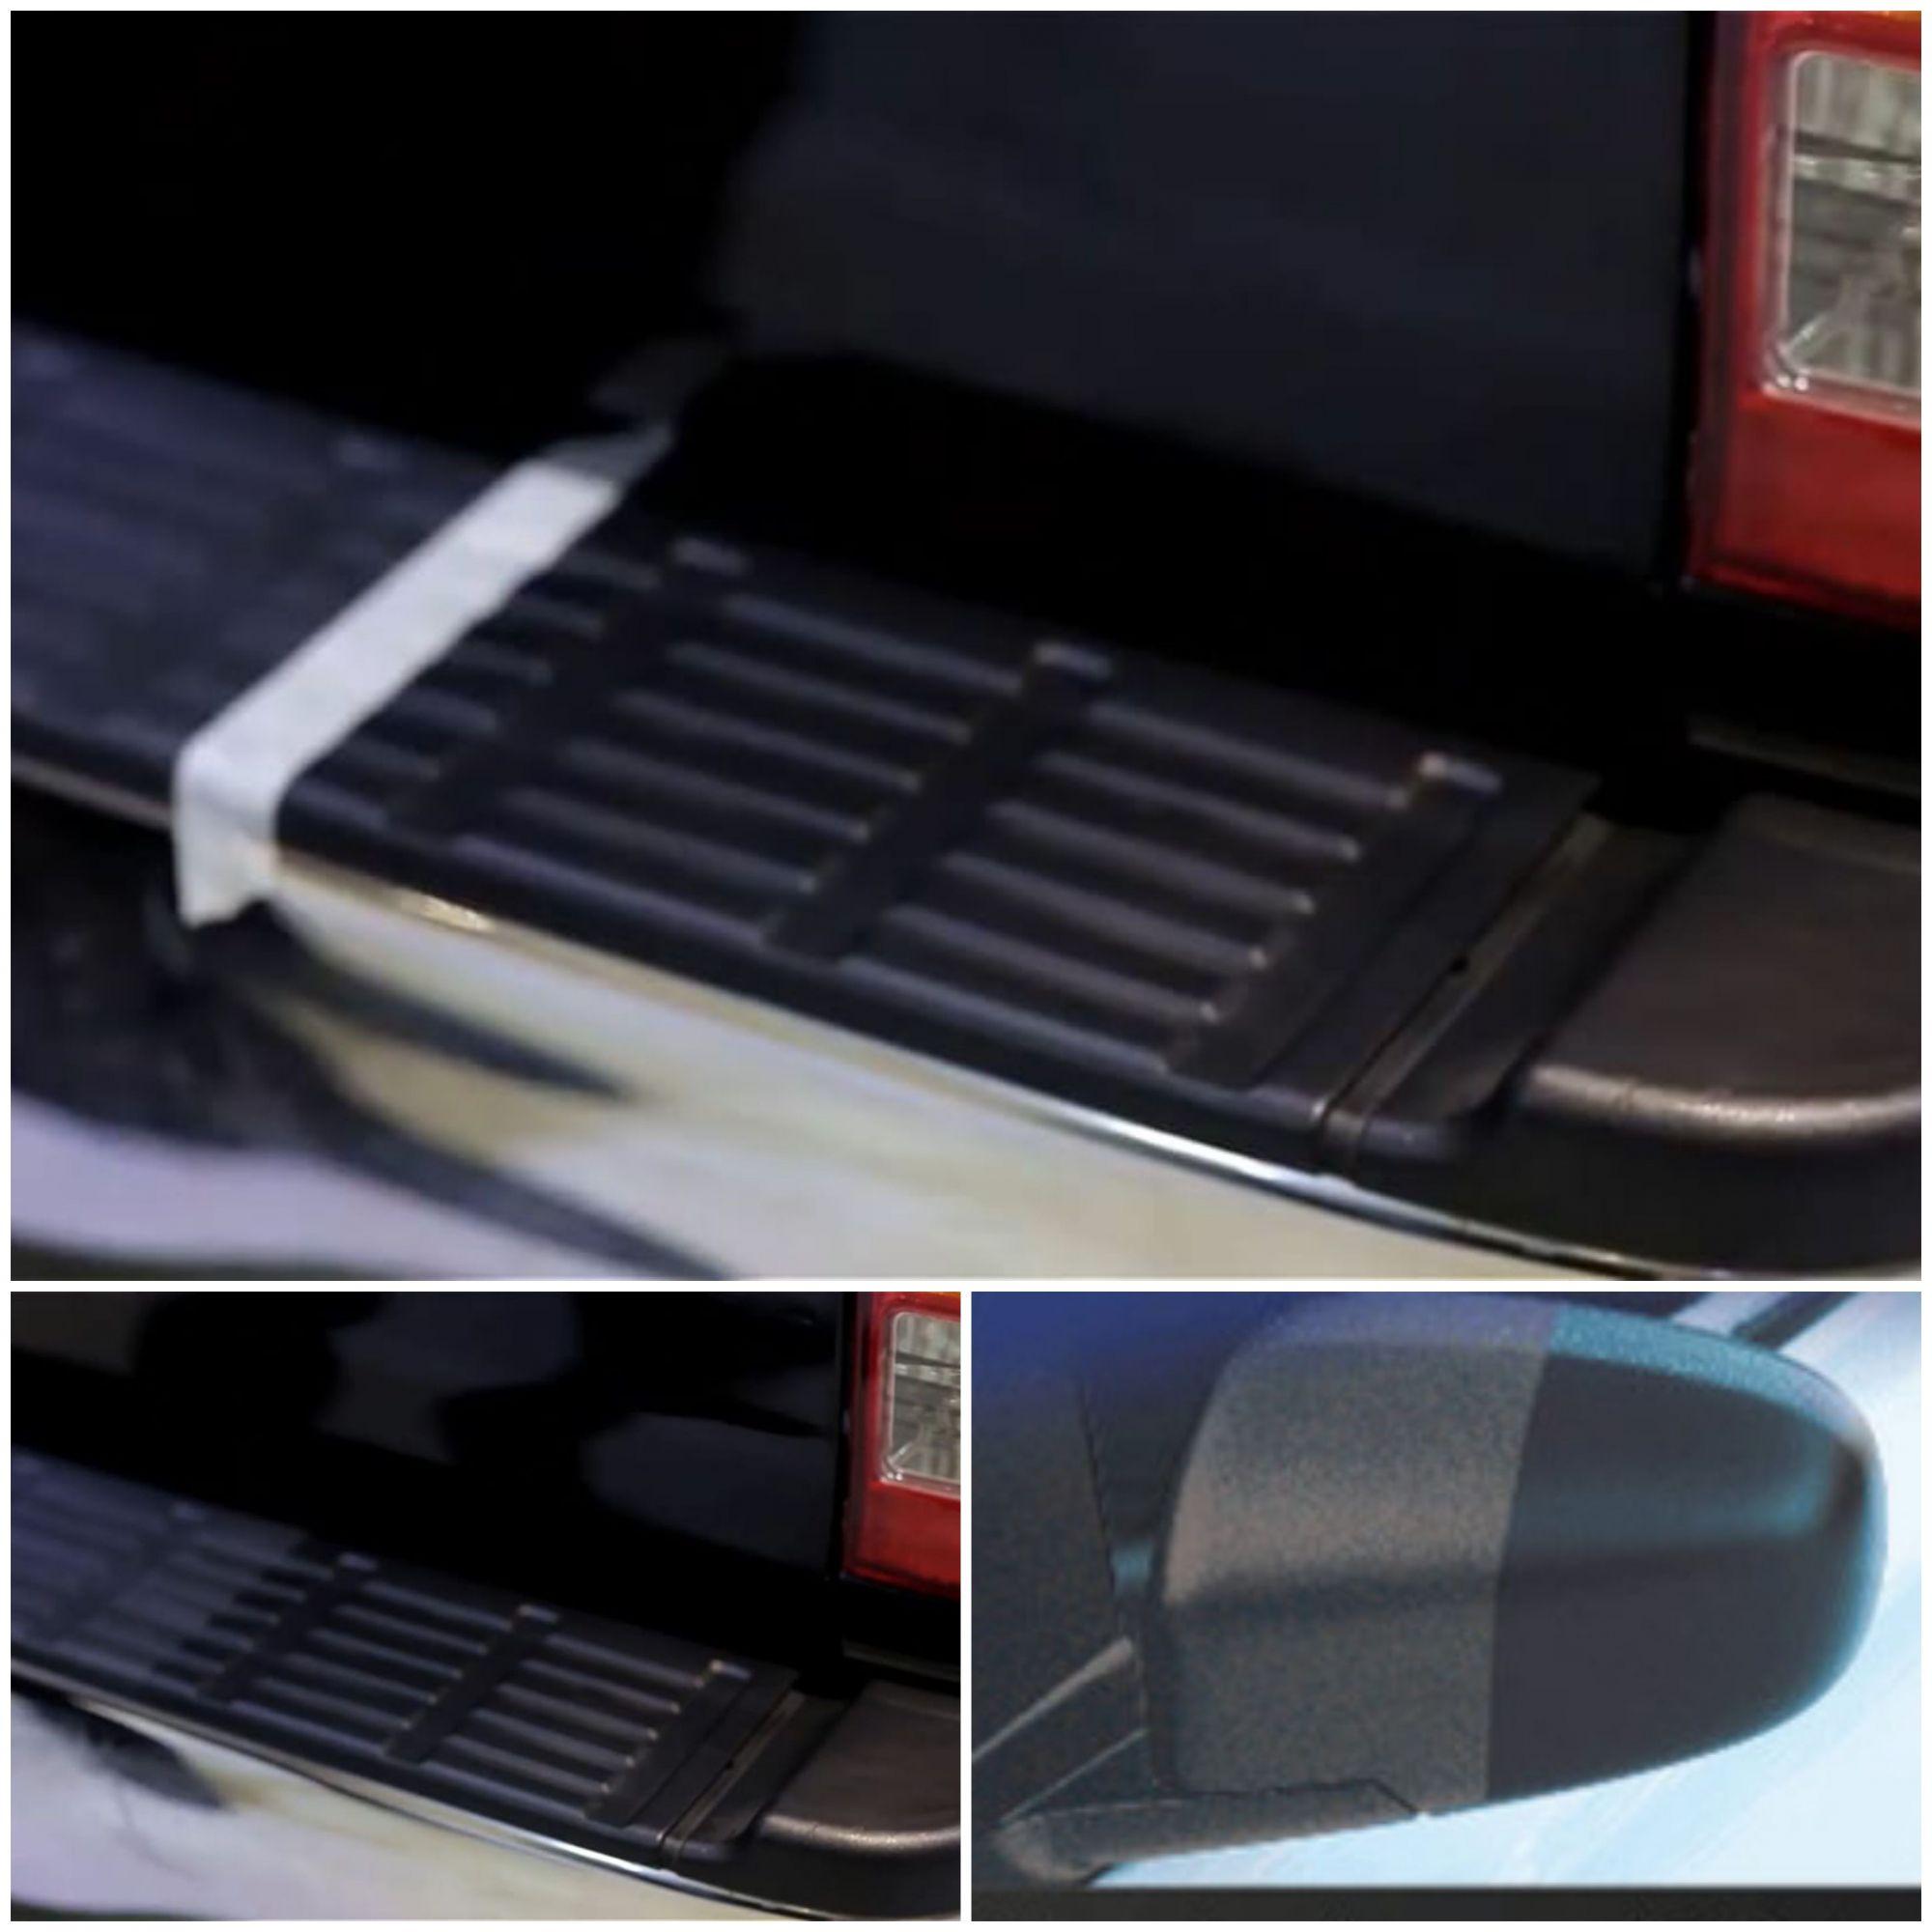 Rejuvex vonixx revitalizador restaurador plático carro moto